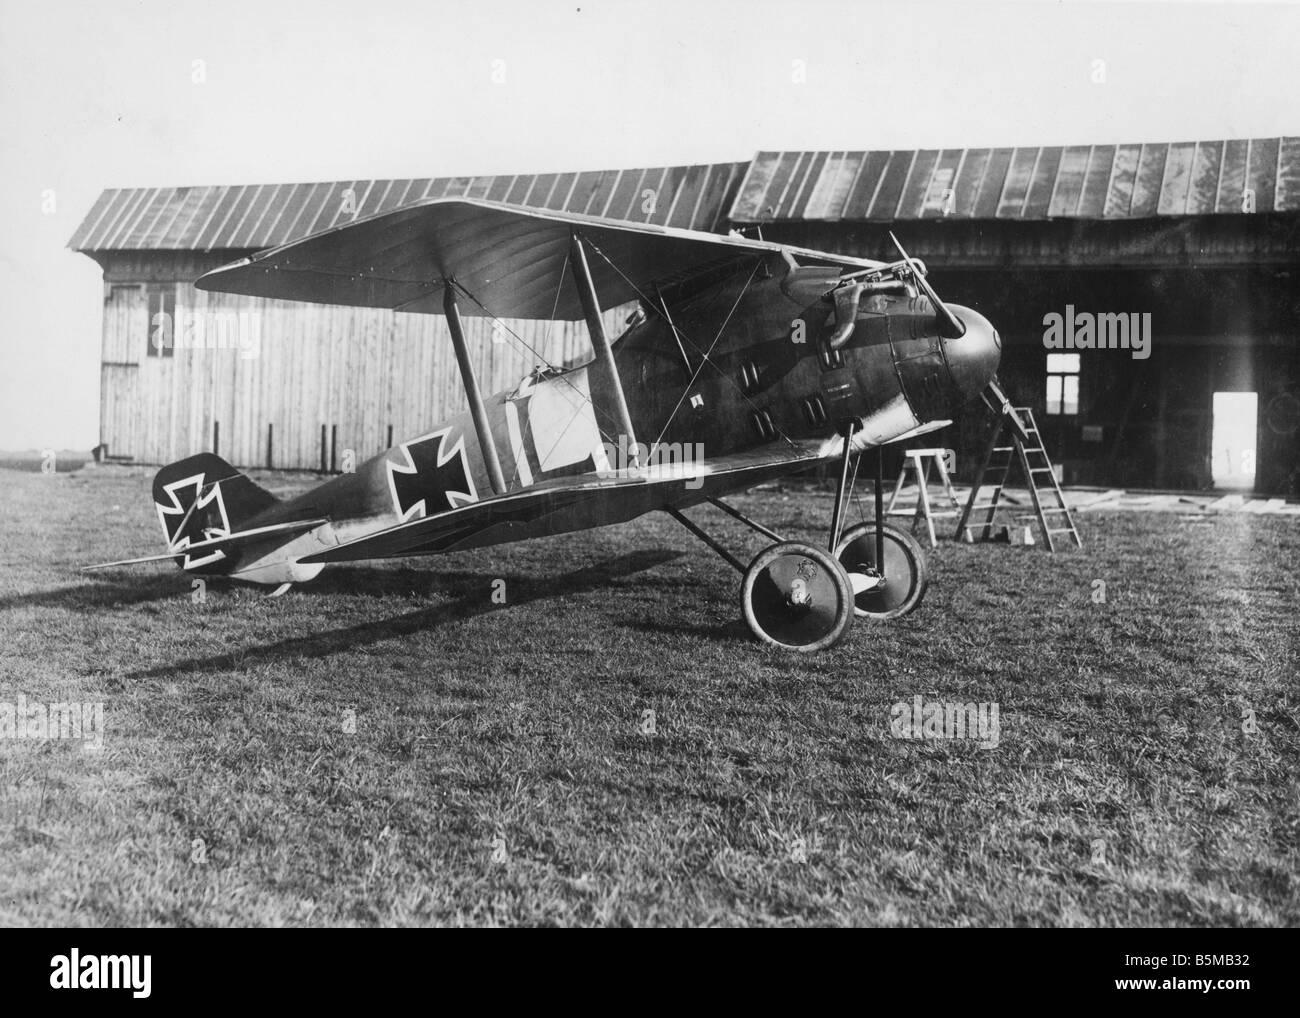 2 M75 L1 1918 1 avion de guerre militaire armée de l'Allemand Pfalz 1918 Première Guerre mondiale avion de guerre 1914 18 Palatinat Typ D XII 1918 180 PS O Banque D'Images